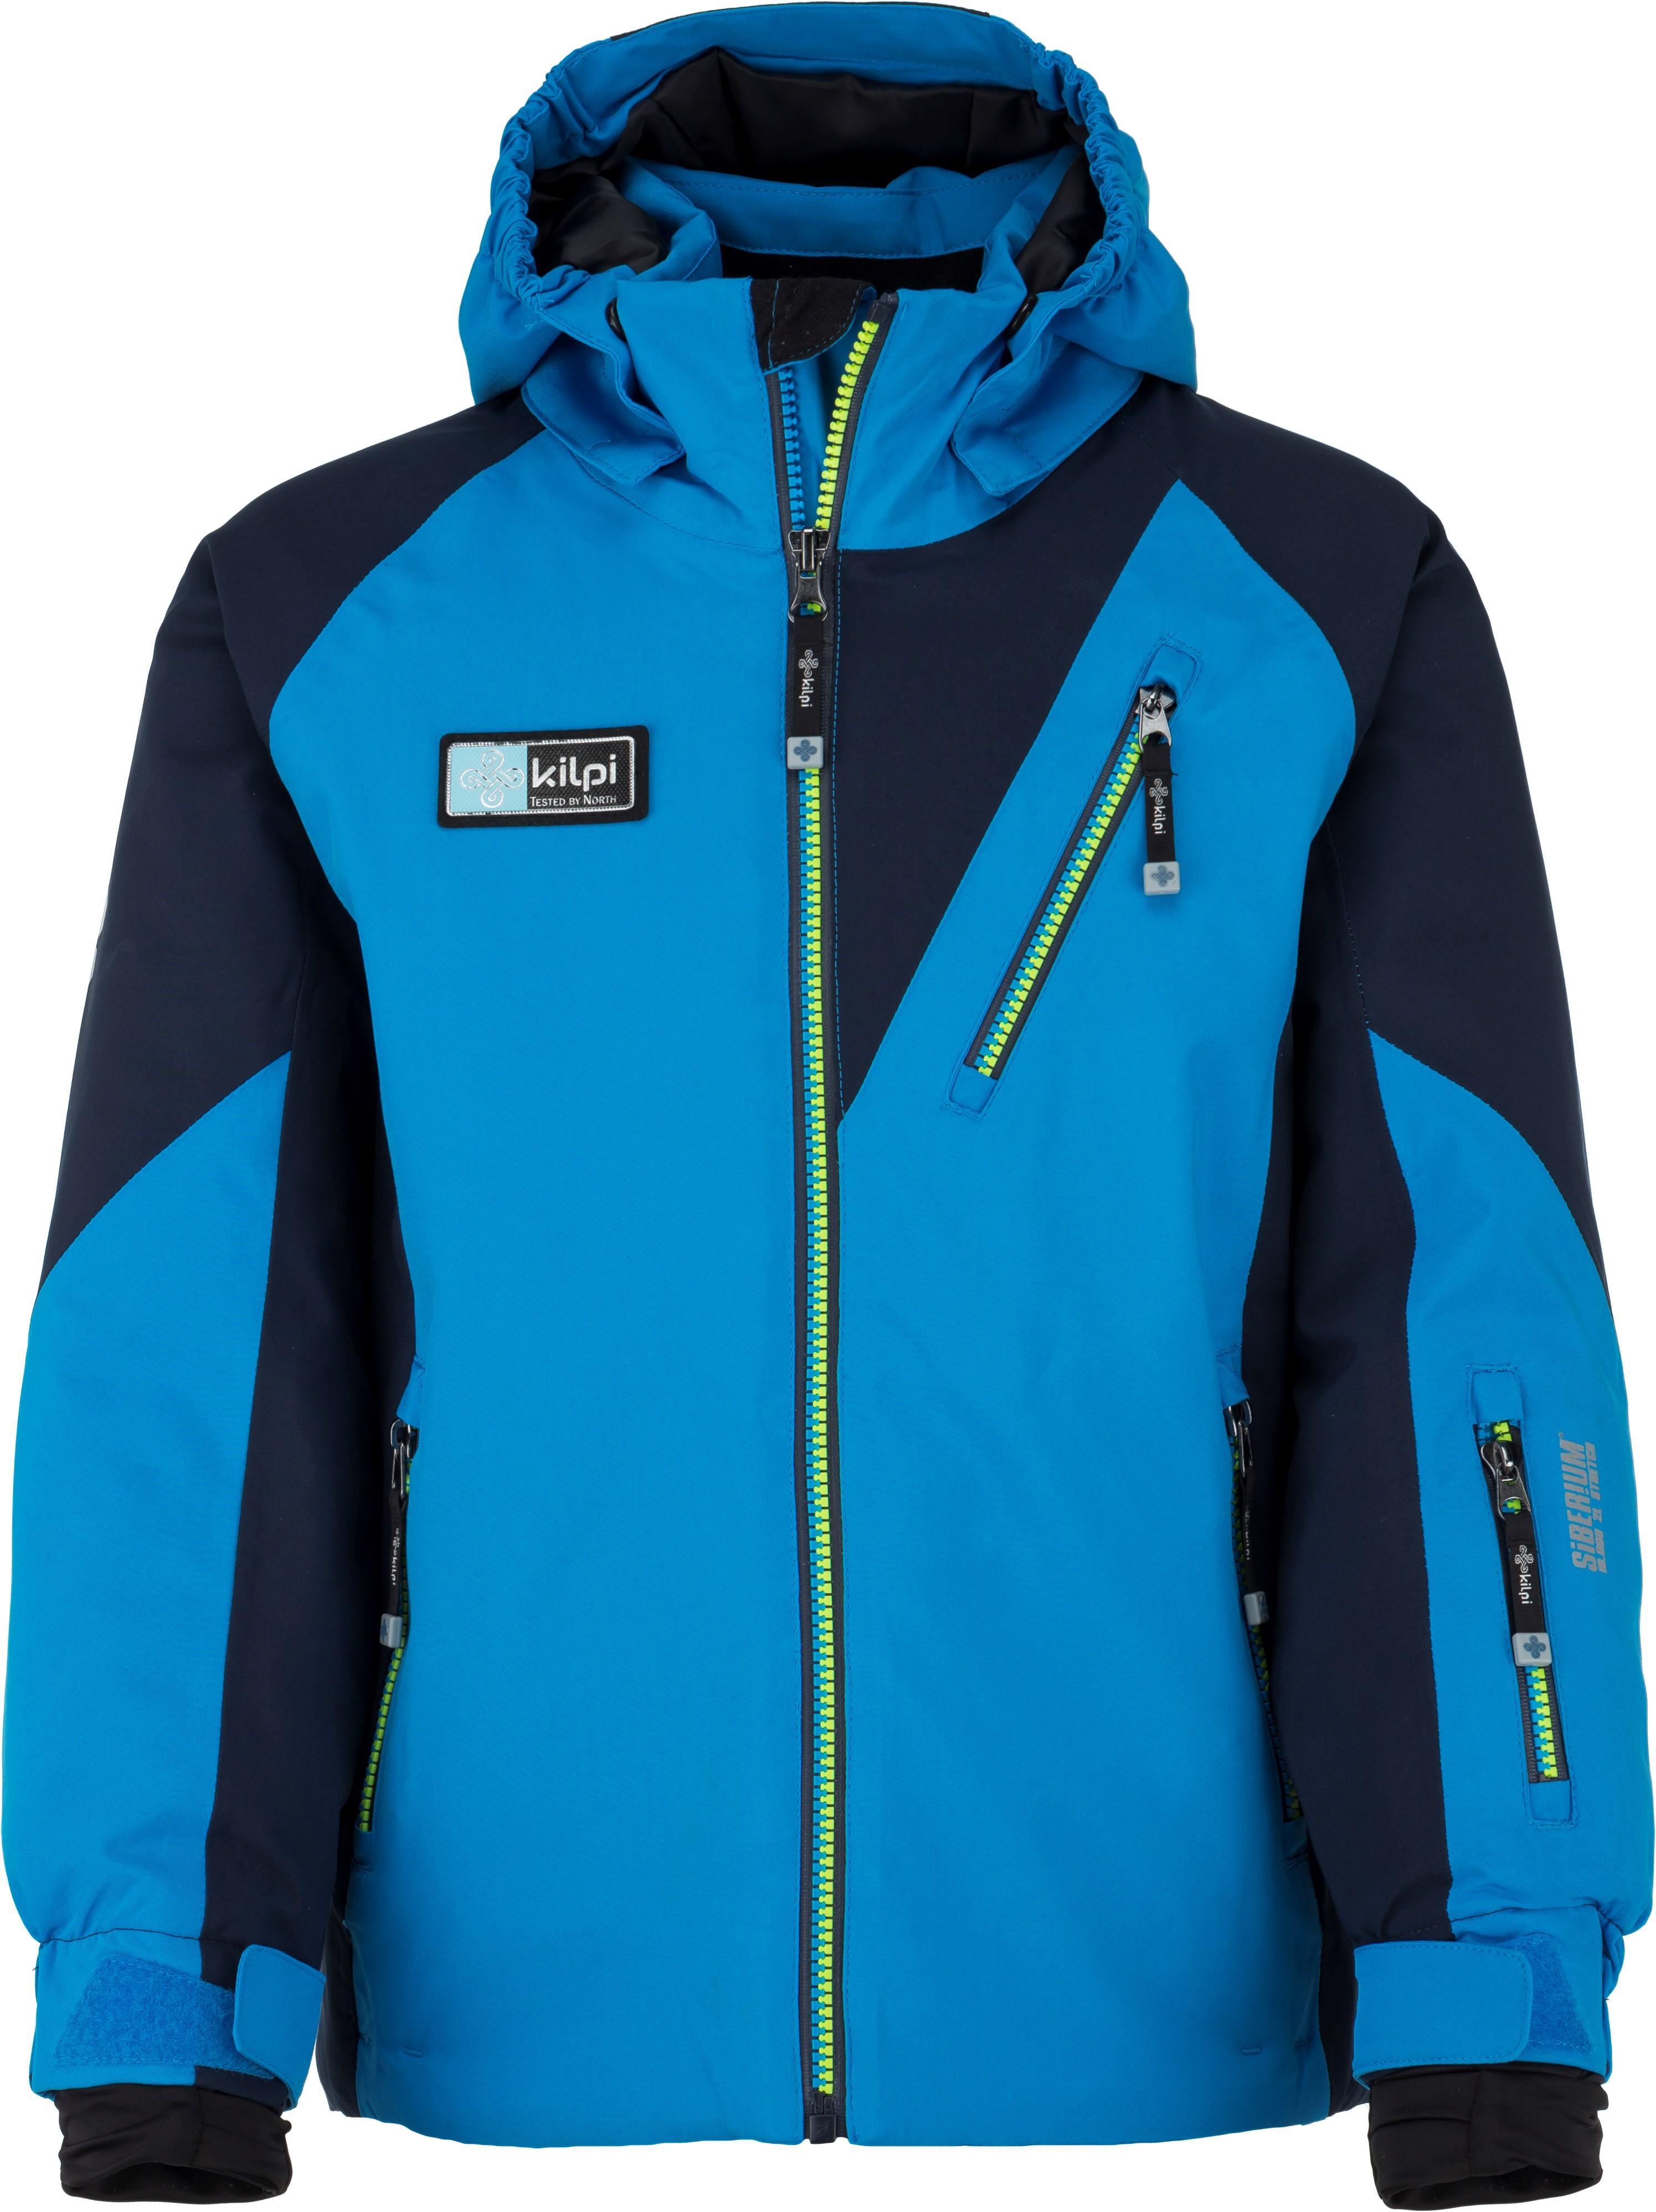 Detská zimná bunda Kilpi GARNEY-JB modrá (kolekcia 2019) 98 104 ... 351e12cda95